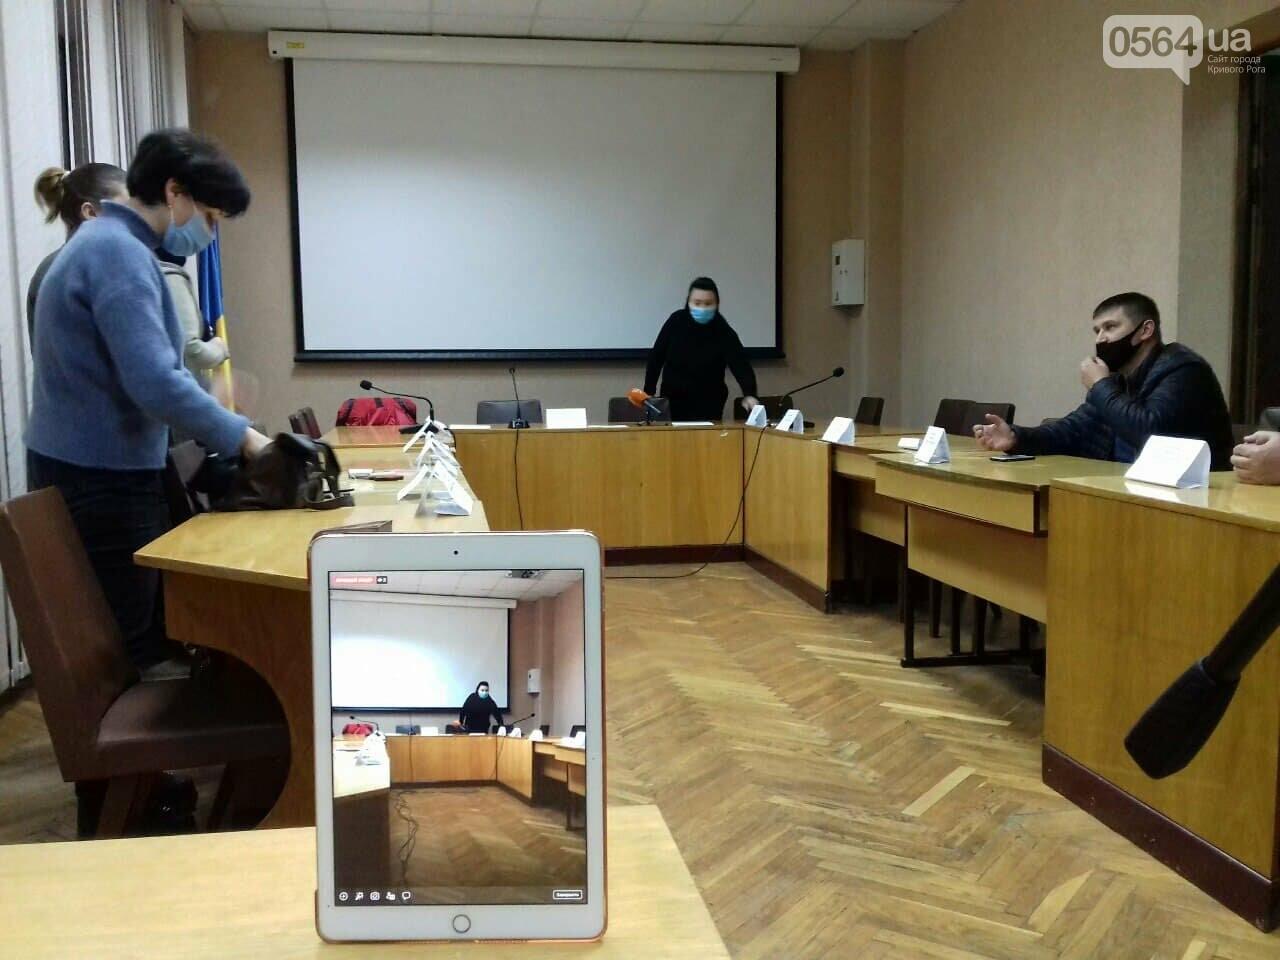 В Кривом Роге проходит заседание ГИК, - ПРЯМАЯ ТРАНСЛЯЦИЯ, фото-4